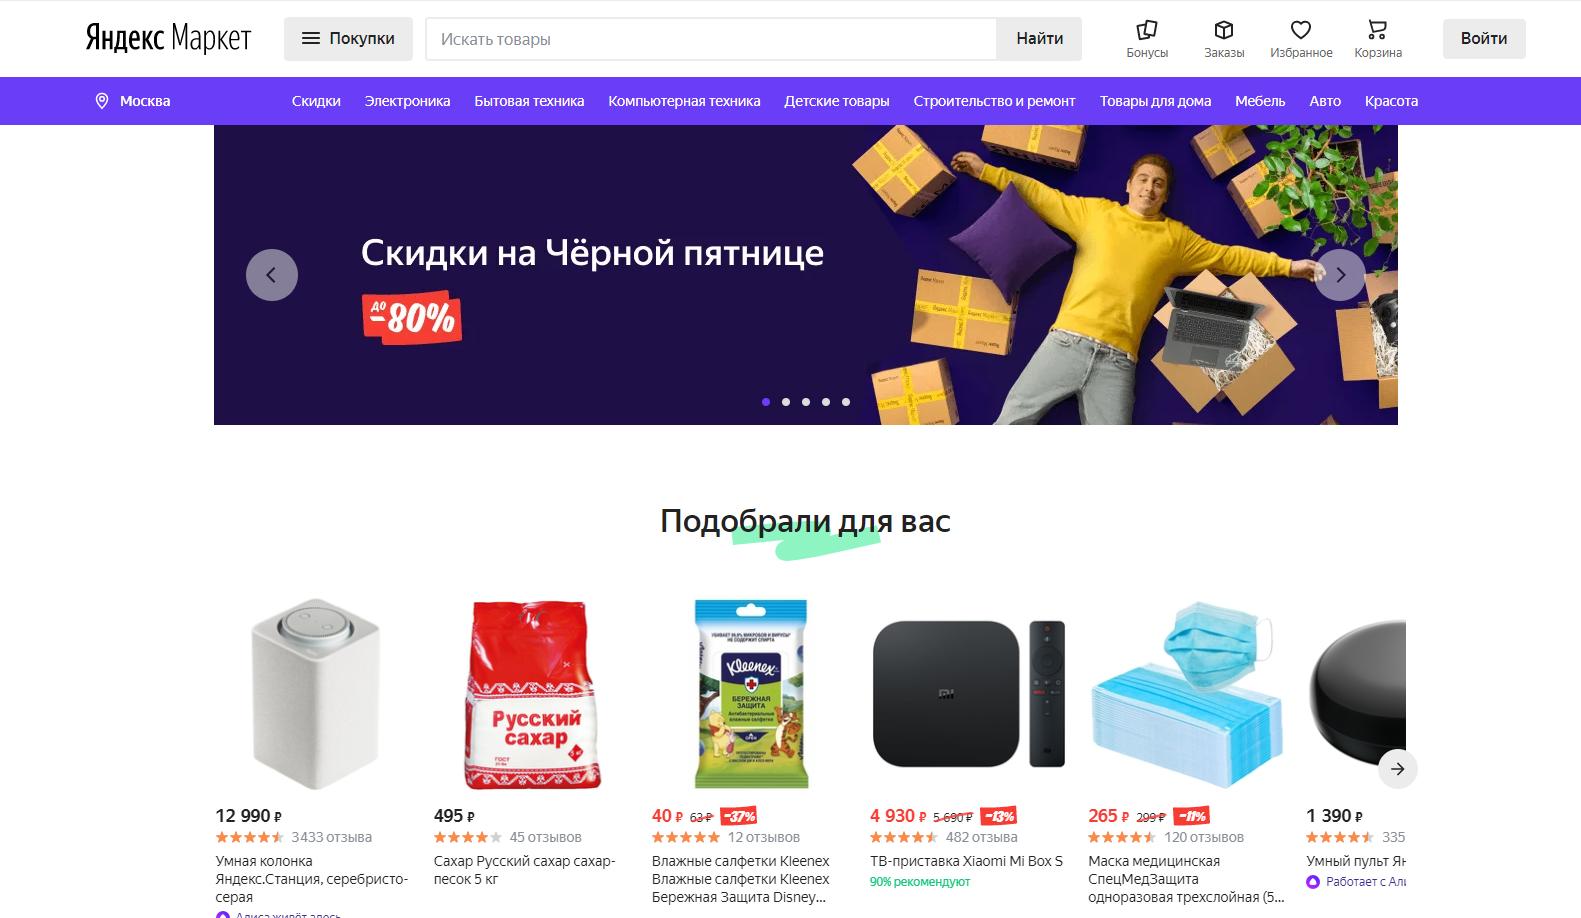 Маркетплейс Яндекс.Маркет